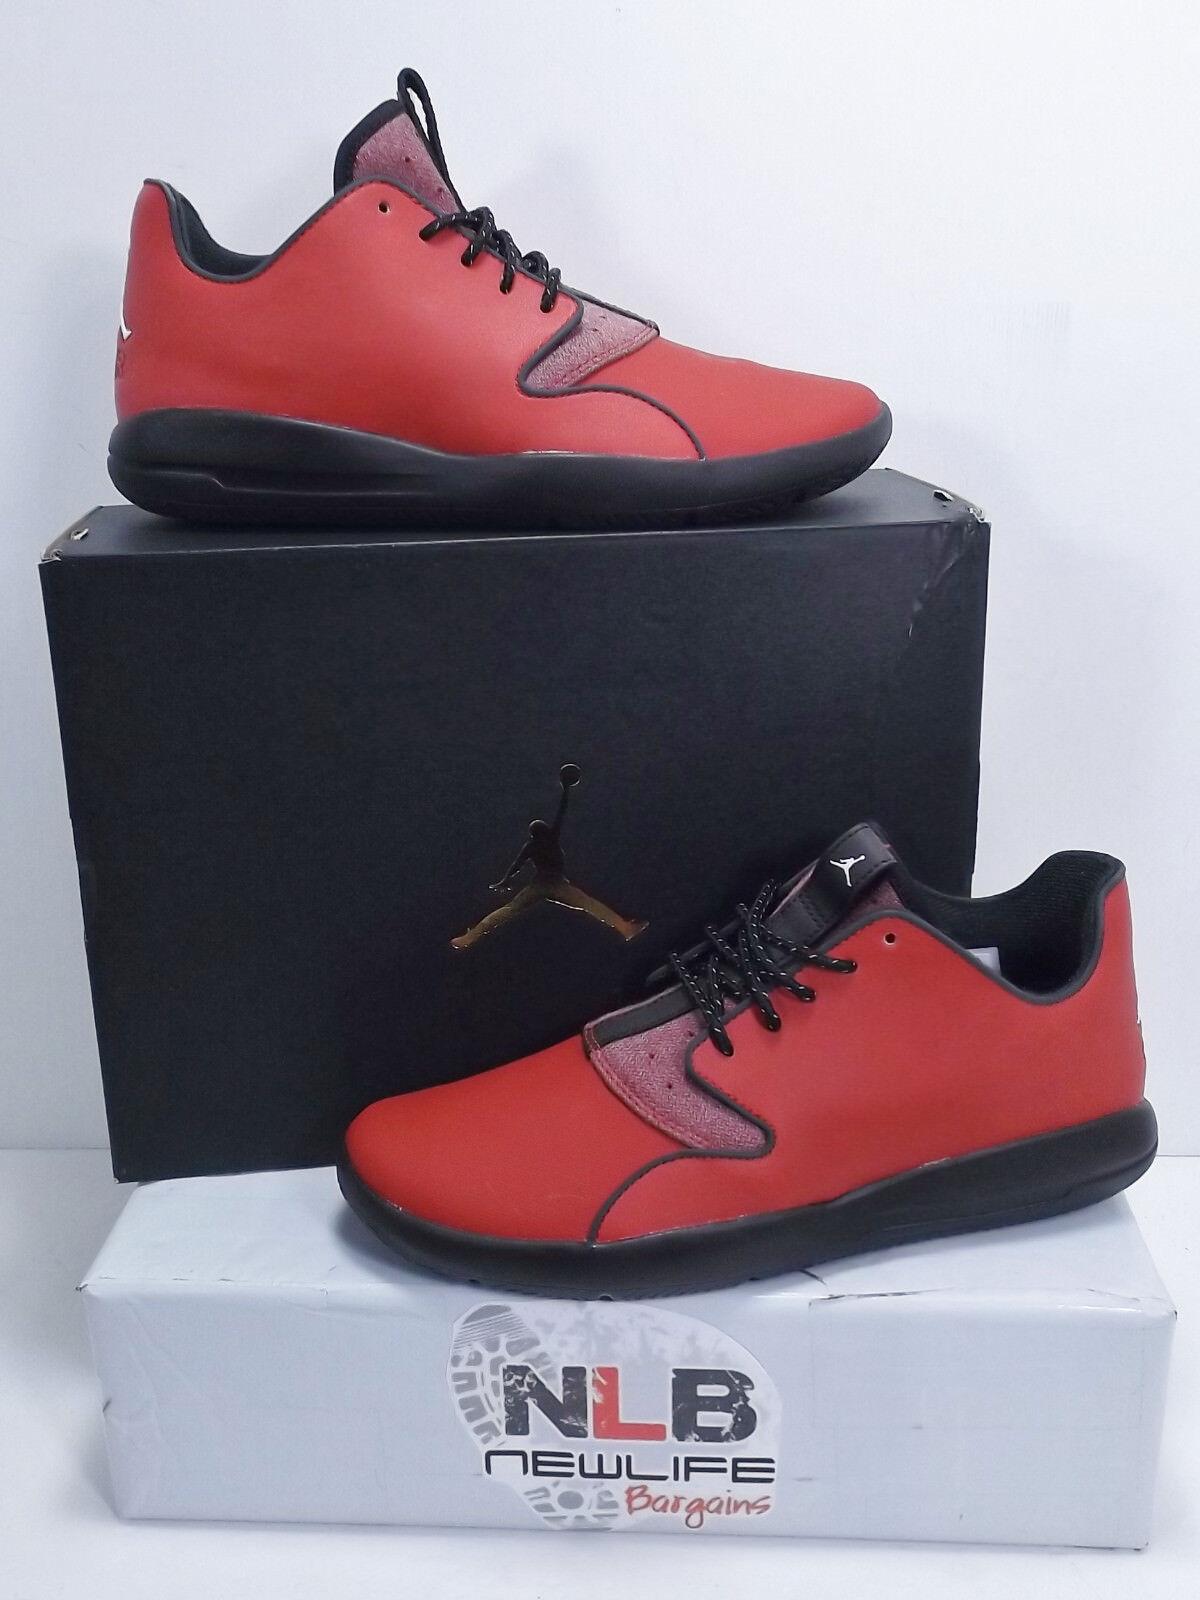 Nike gimnasio Jordan Eclipse Holiday 812303-601 gimnasio Nike Rojo / blanco / negro hombres cómodos zapatos nuevos para hombres y mujeres, el limitado tiempo de descuento be63e9